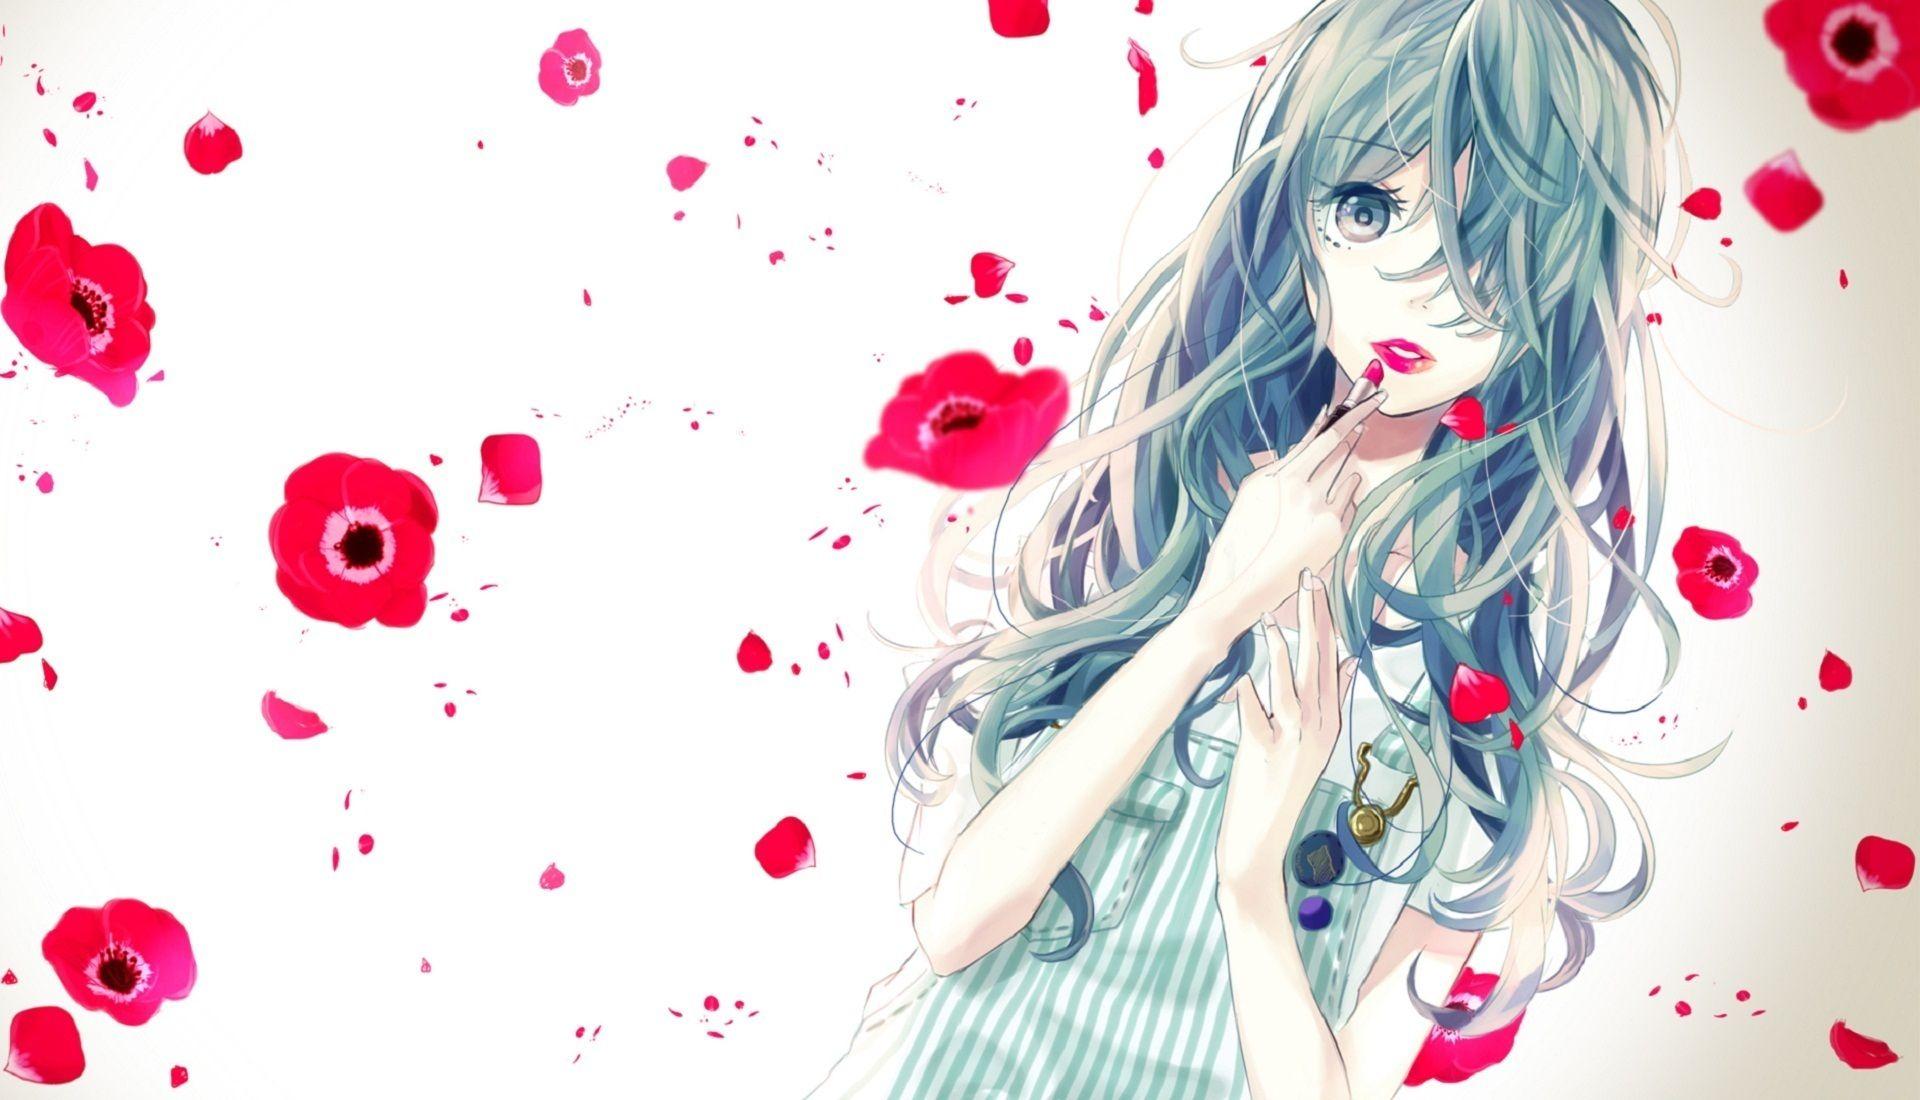 Anime girl blue hair red lips anime pinterest anime